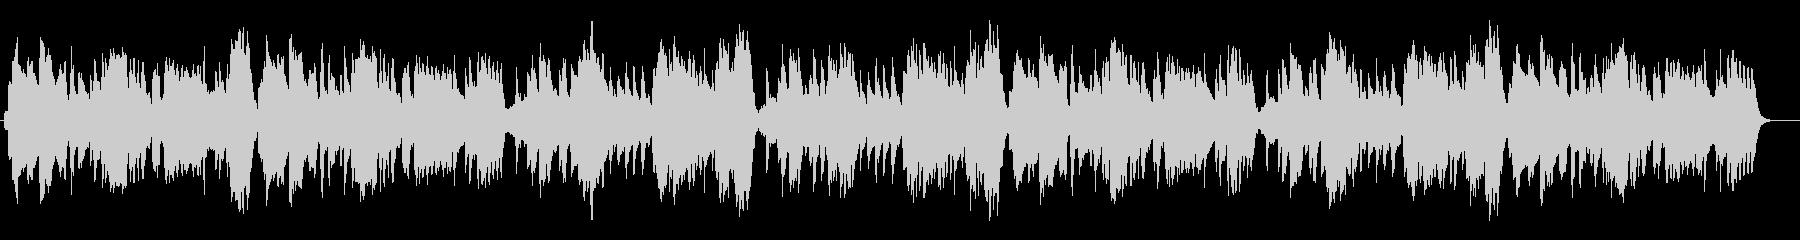 生演奏リコーダーしっとりとした朝のBGMの未再生の波形